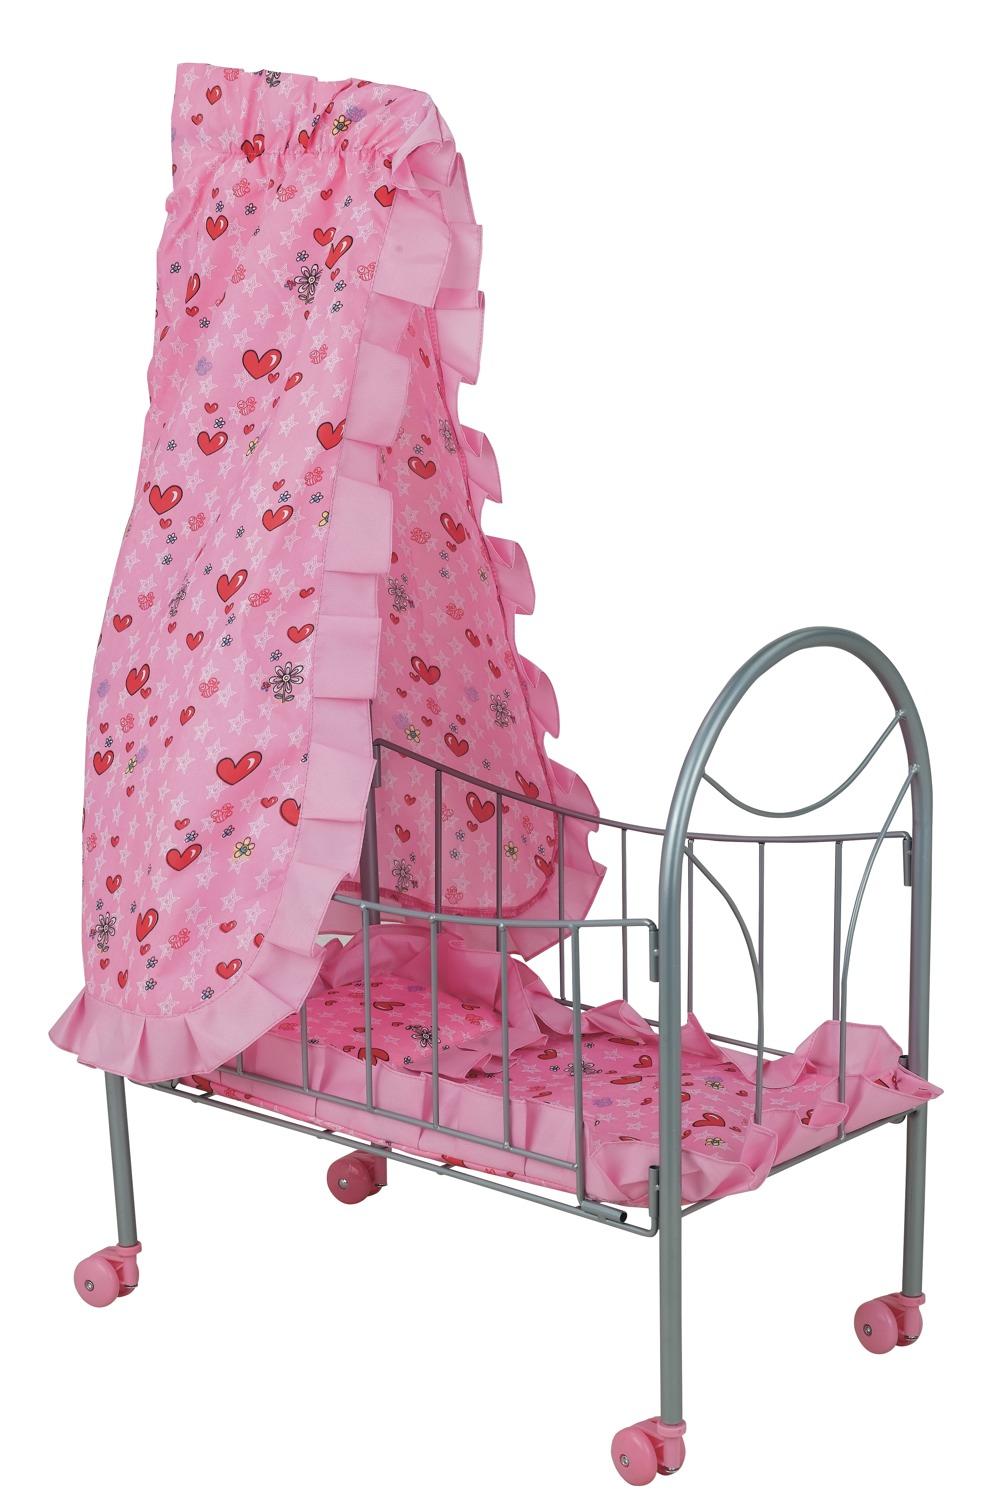 Кроватка для кукол с балдахином - Детские кроватки для кукол, артикул: 8662